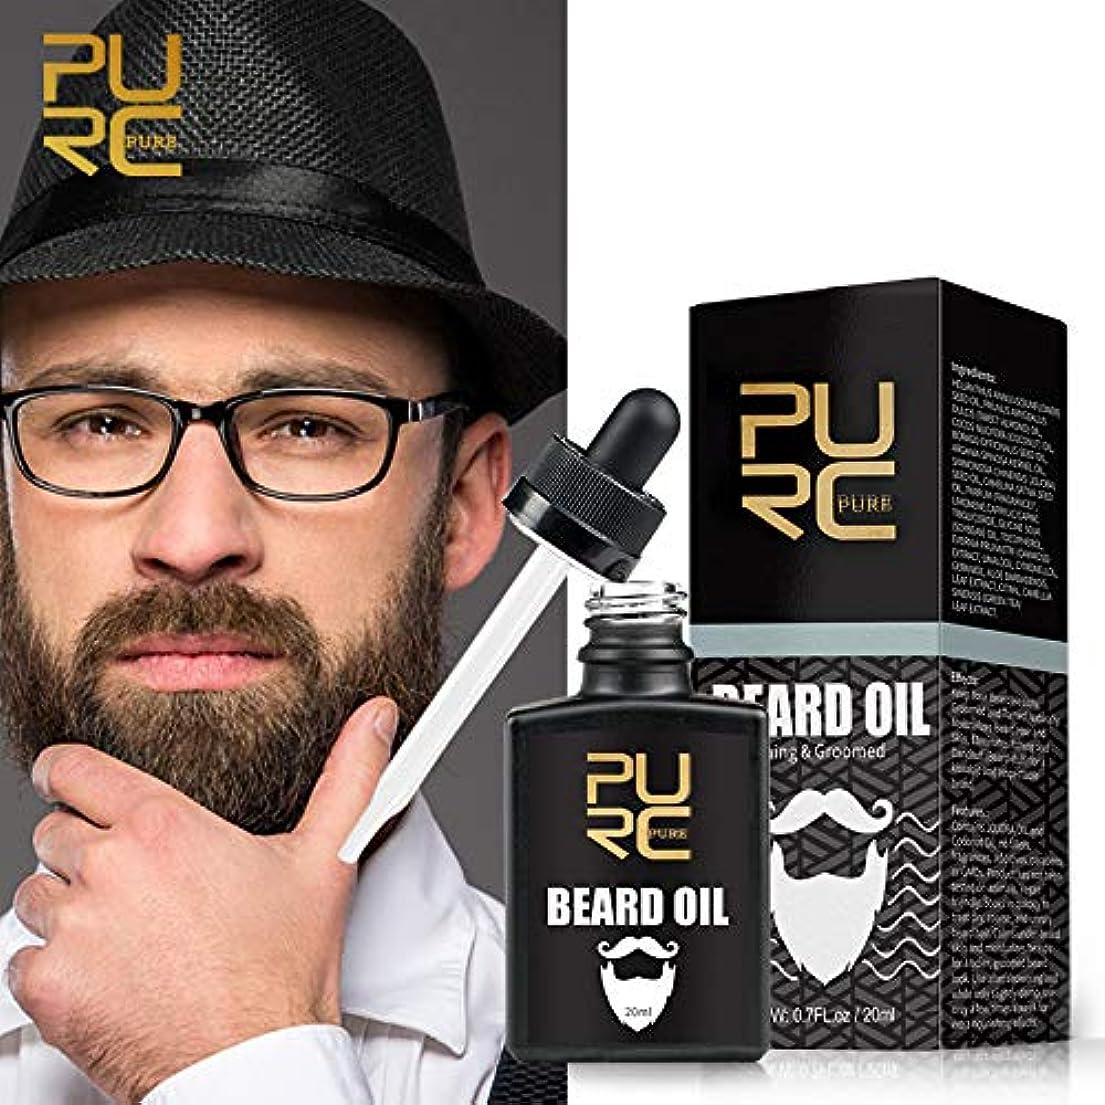 アラブ嫌い耳PURCビアードオイル栄養と手入れにより、ひげがかゆみとふけ防止のビアードオイルを排除 PURC Beard Oil Nourishing & Groomed Moisturizes Beard Eliminates Itching...